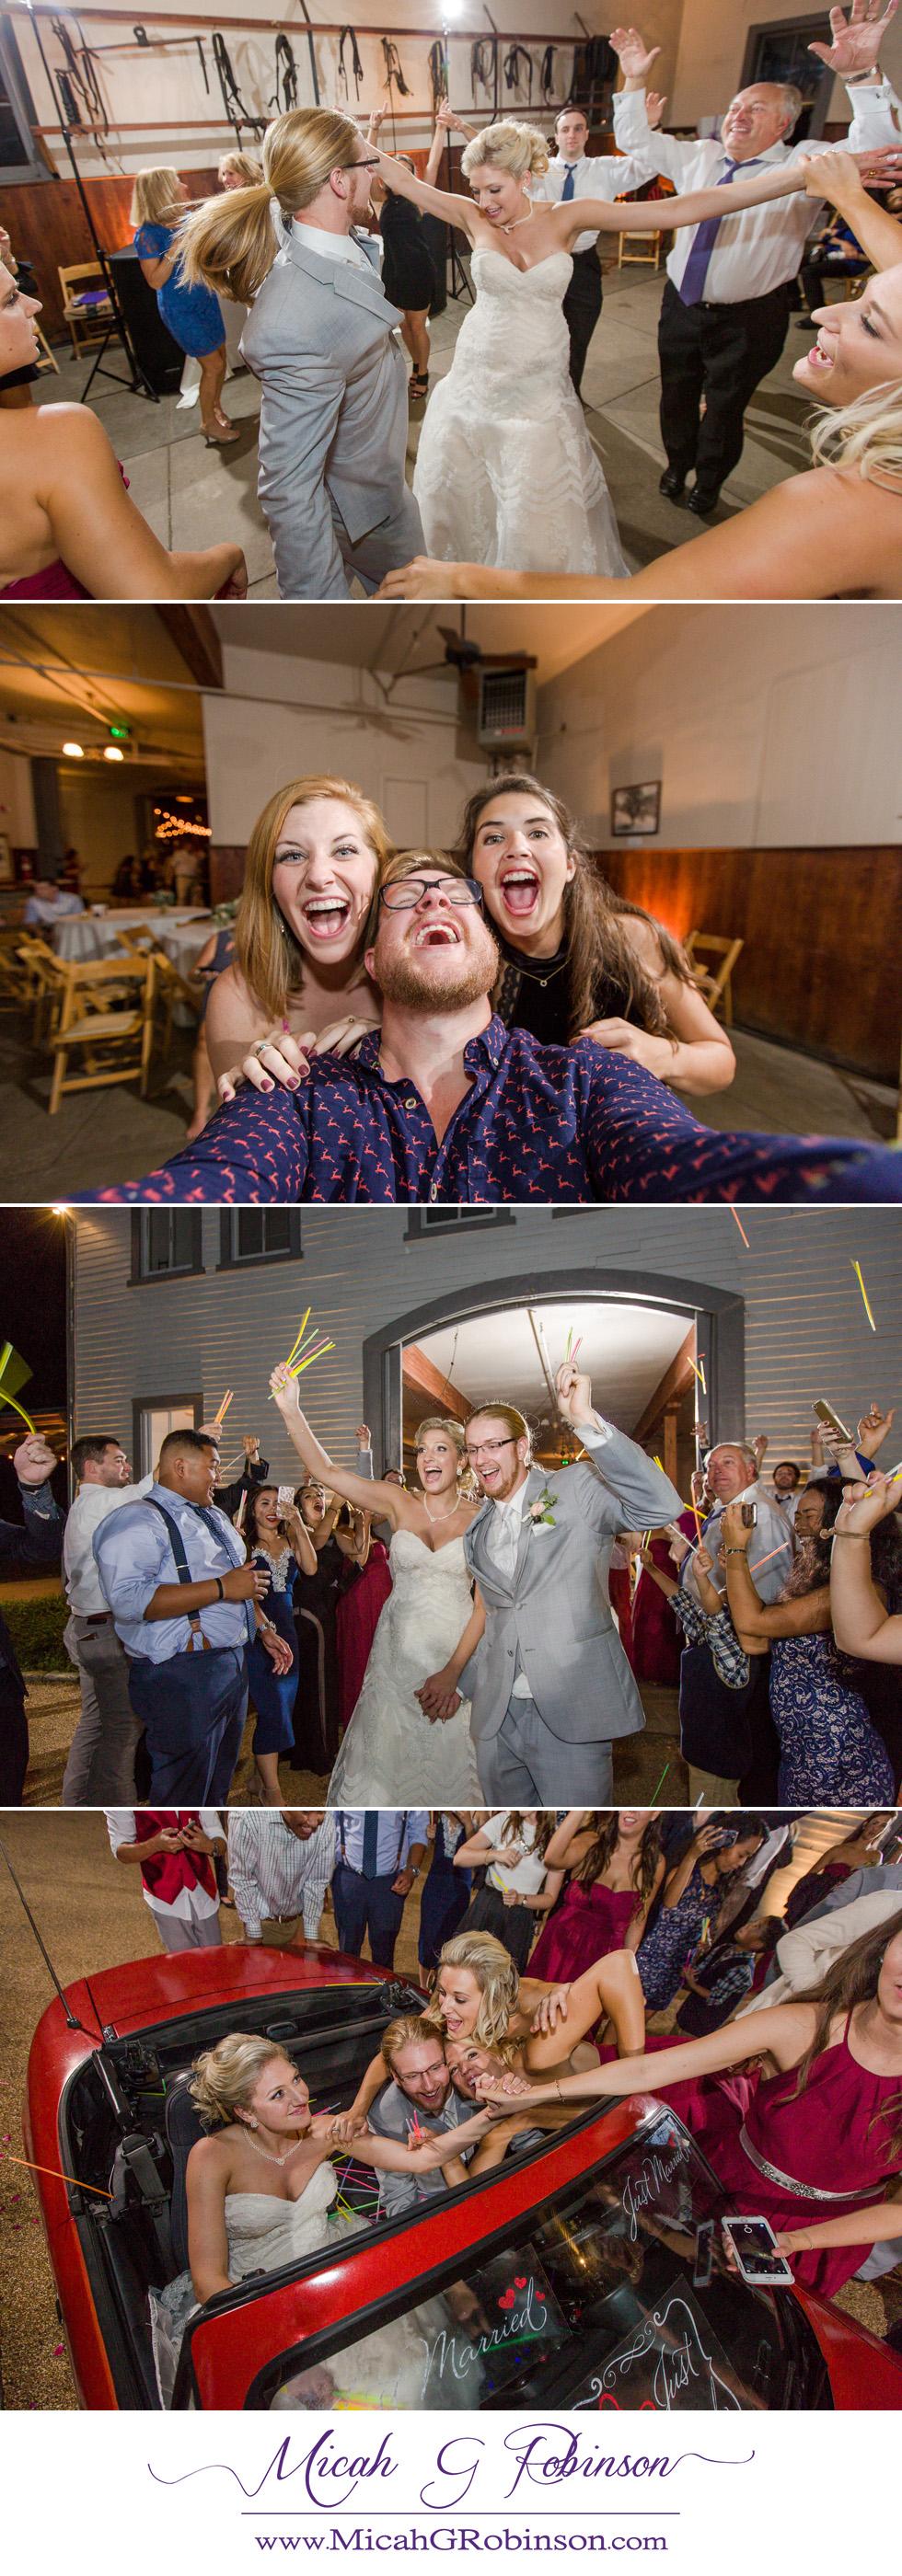 Nashville TN wedding dancing